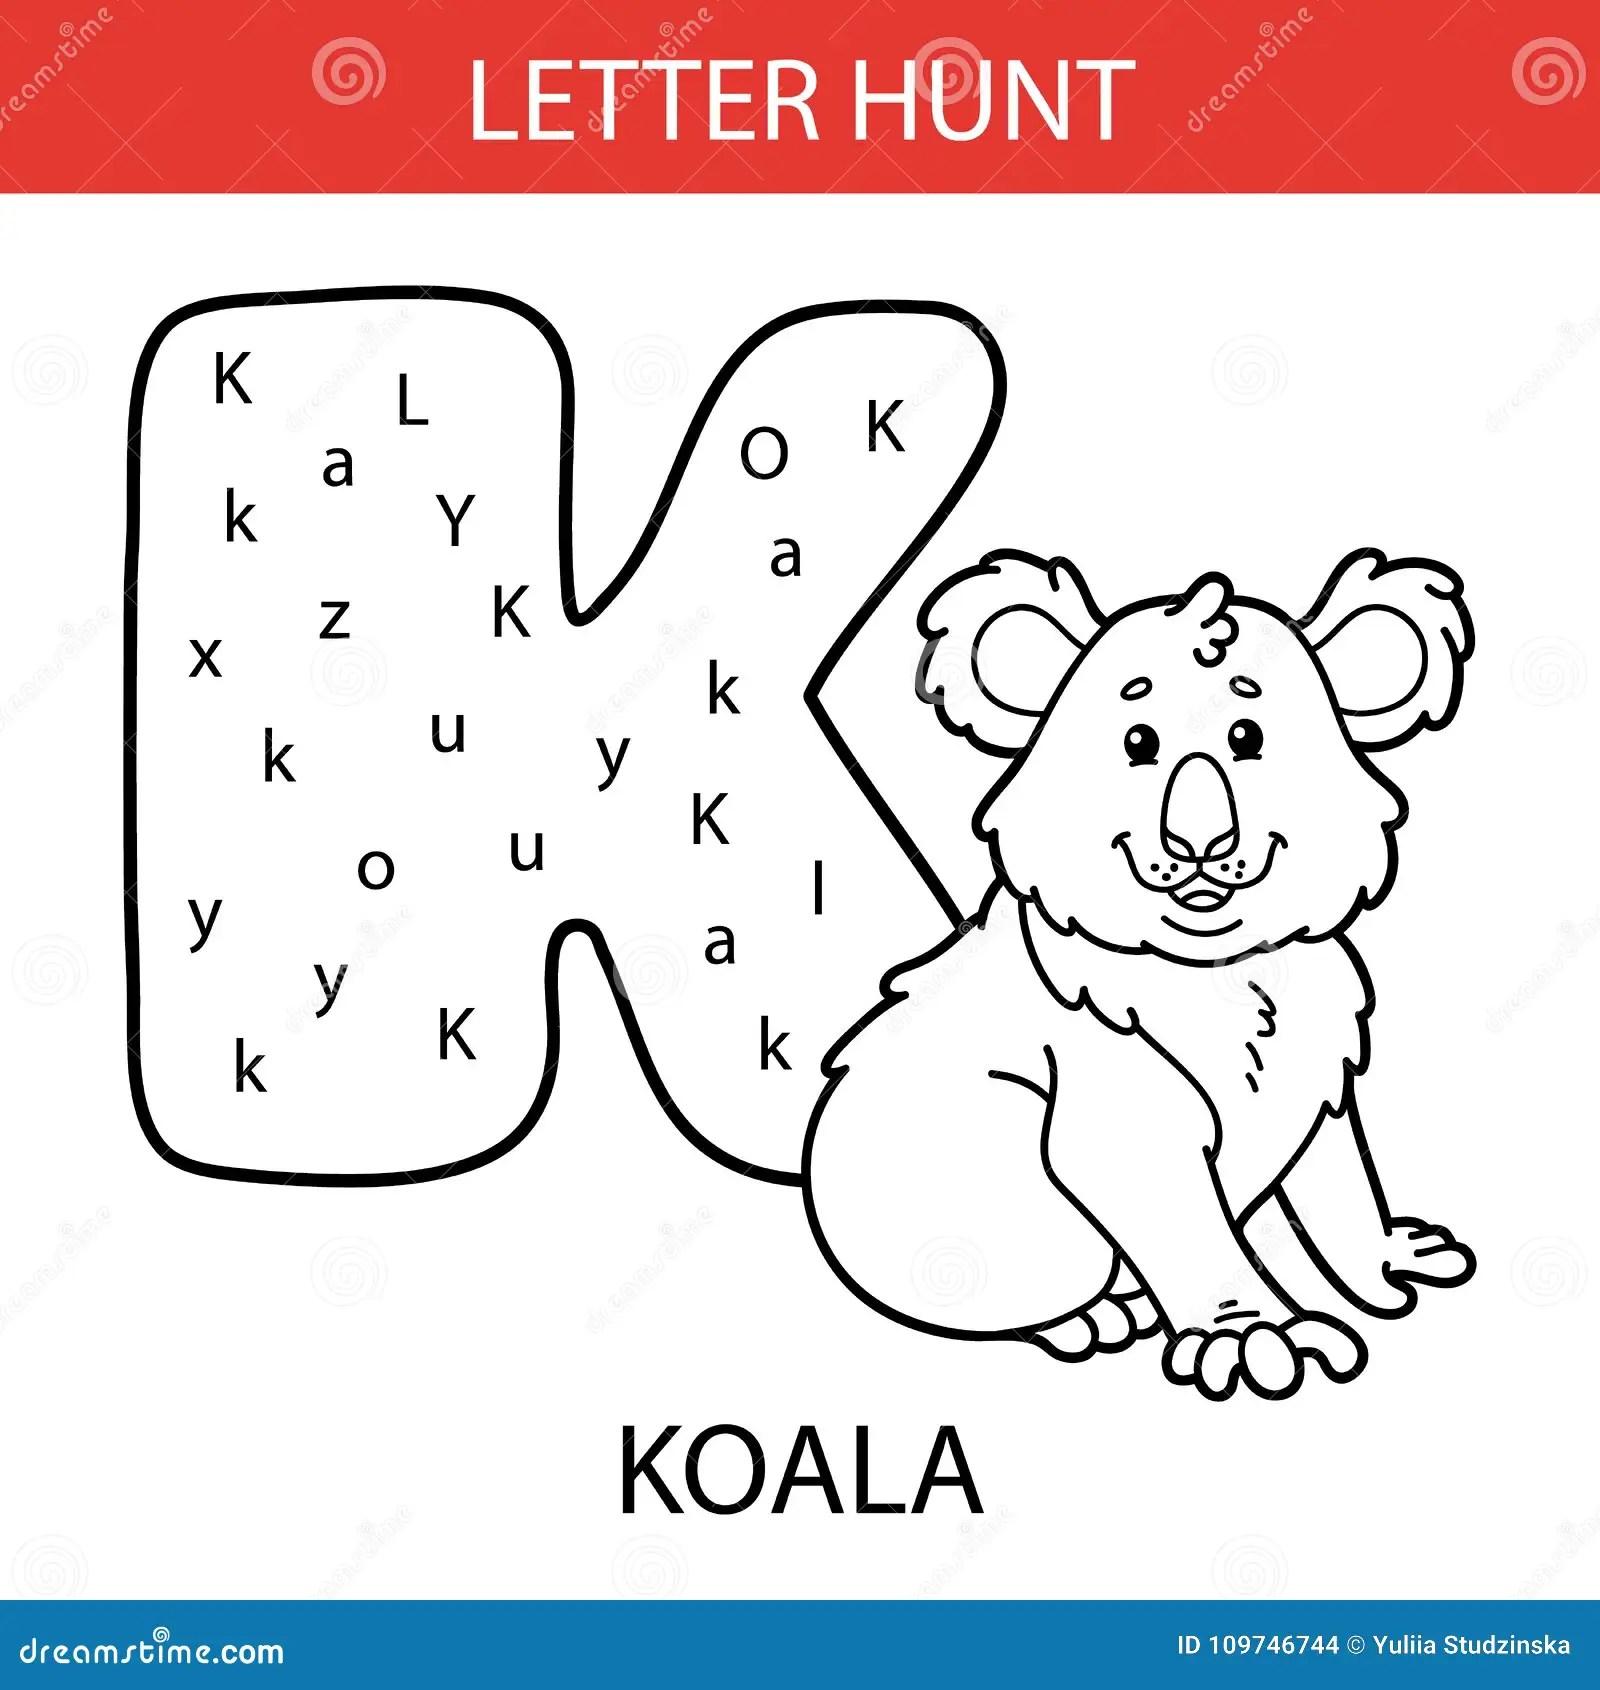 Animal Letter Hunt Koala Stock Vector Illustration Of